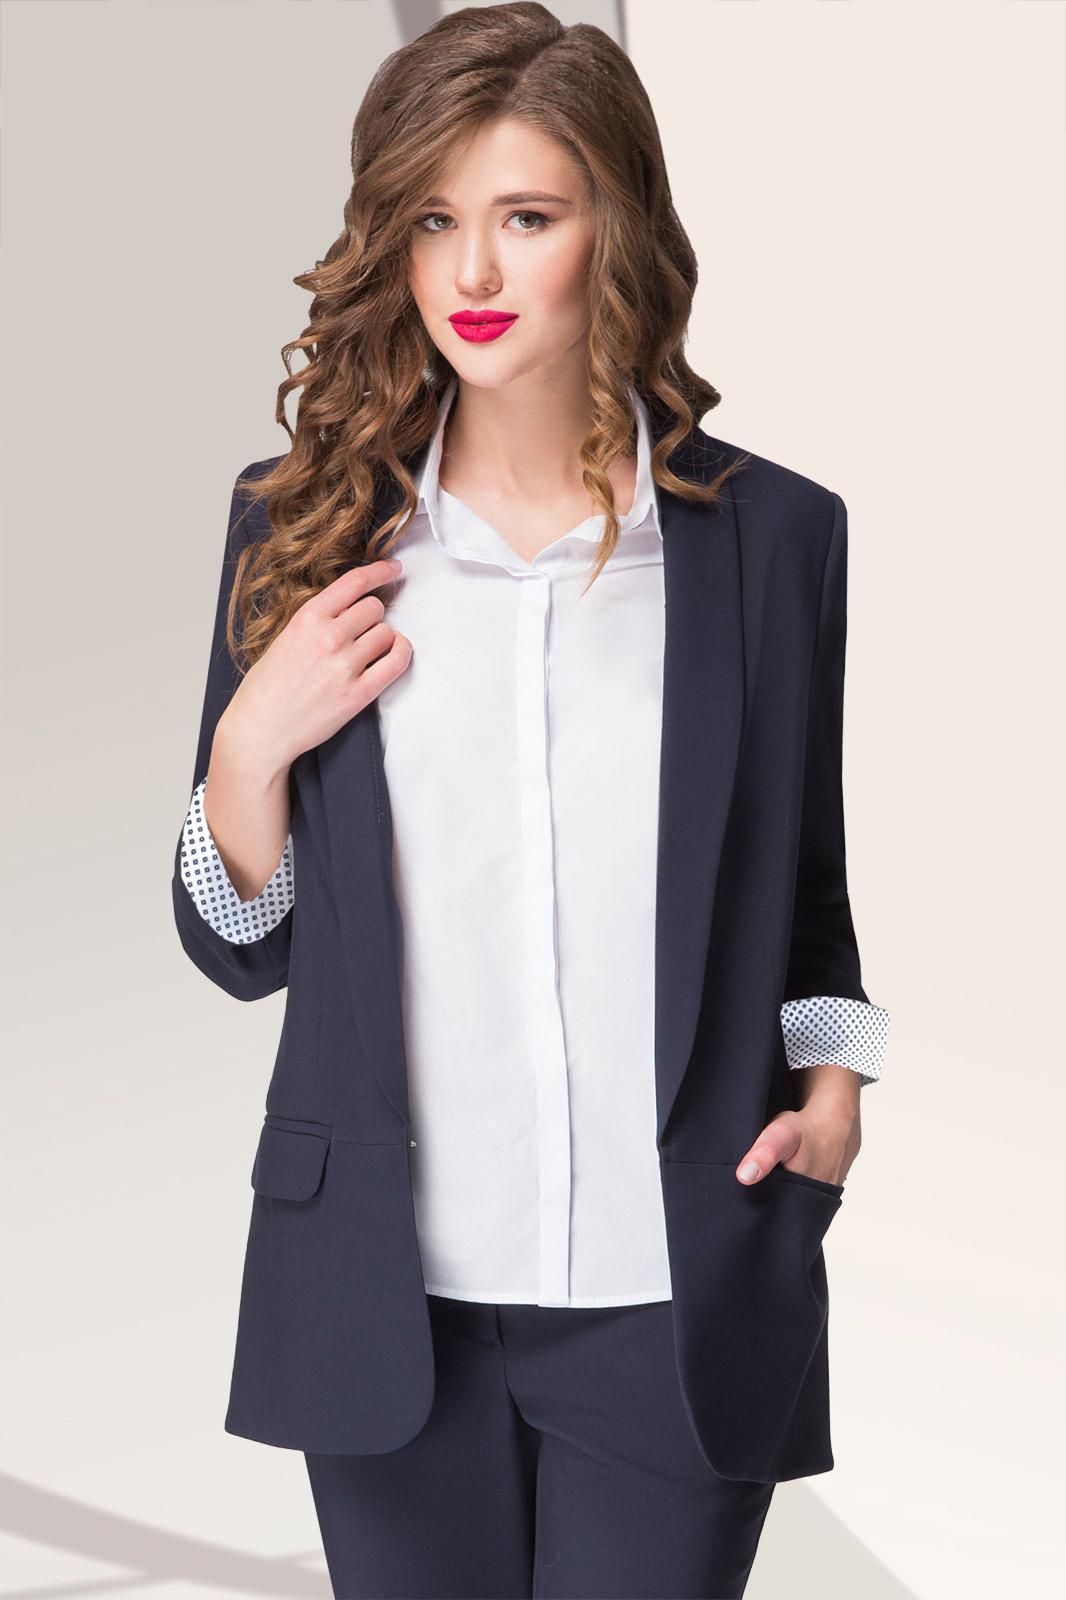 5232be3e7 Купить женский пиджак. Женские пиджаки в интернет-магазине в Минске